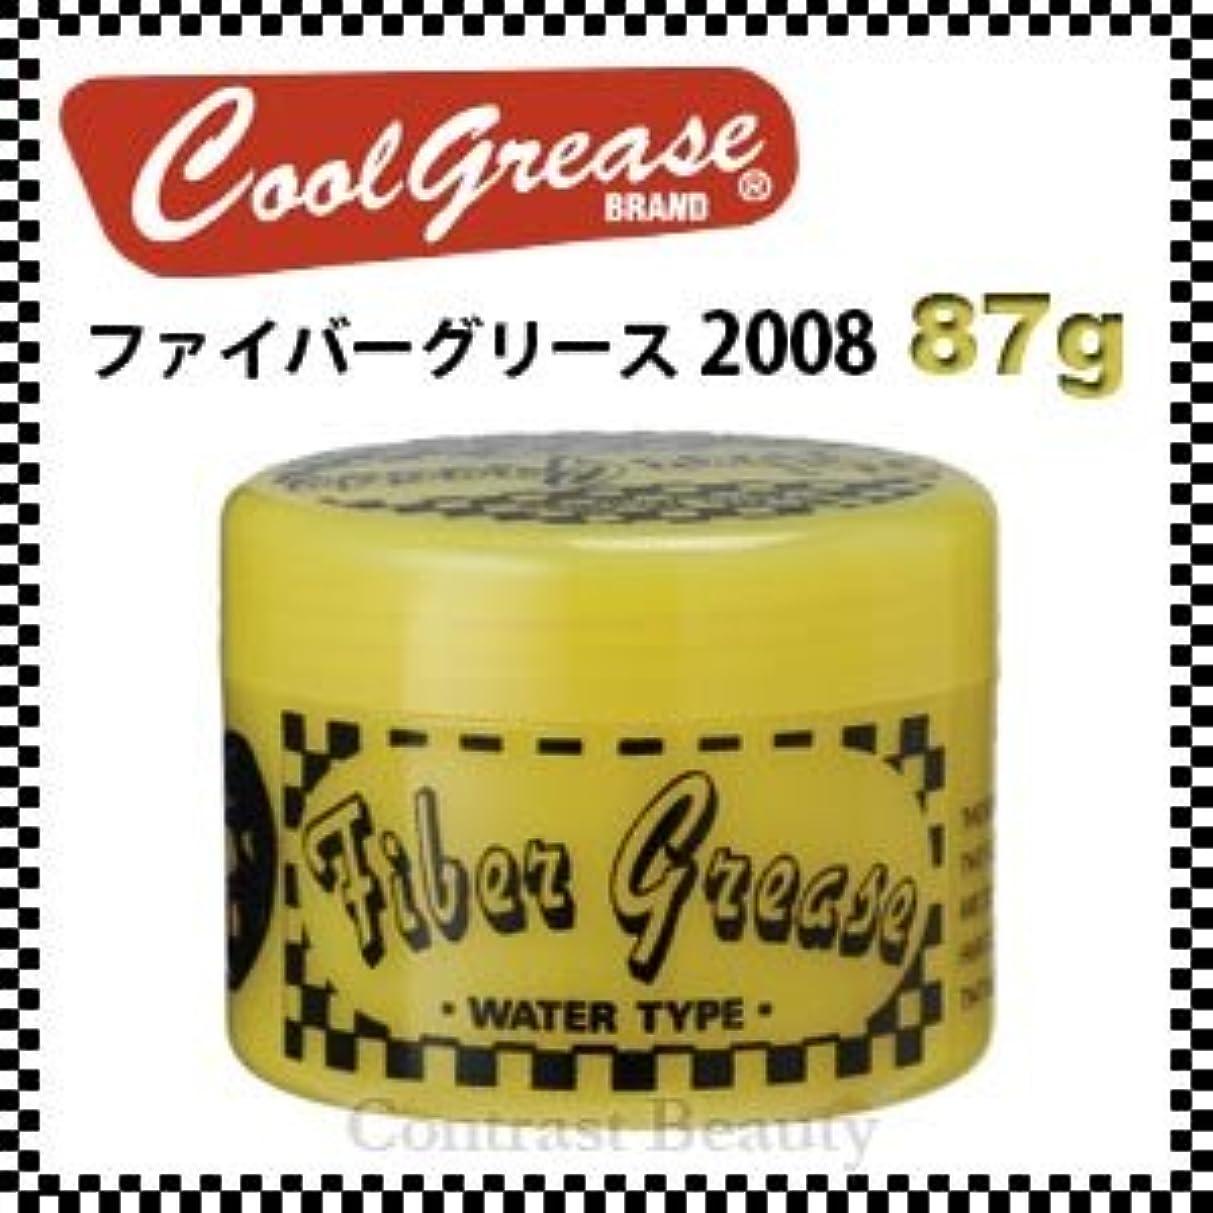 ちっちゃいクラッチ香水【X5個セット】 阪本高生堂 ファイバーグリース 2008 87g